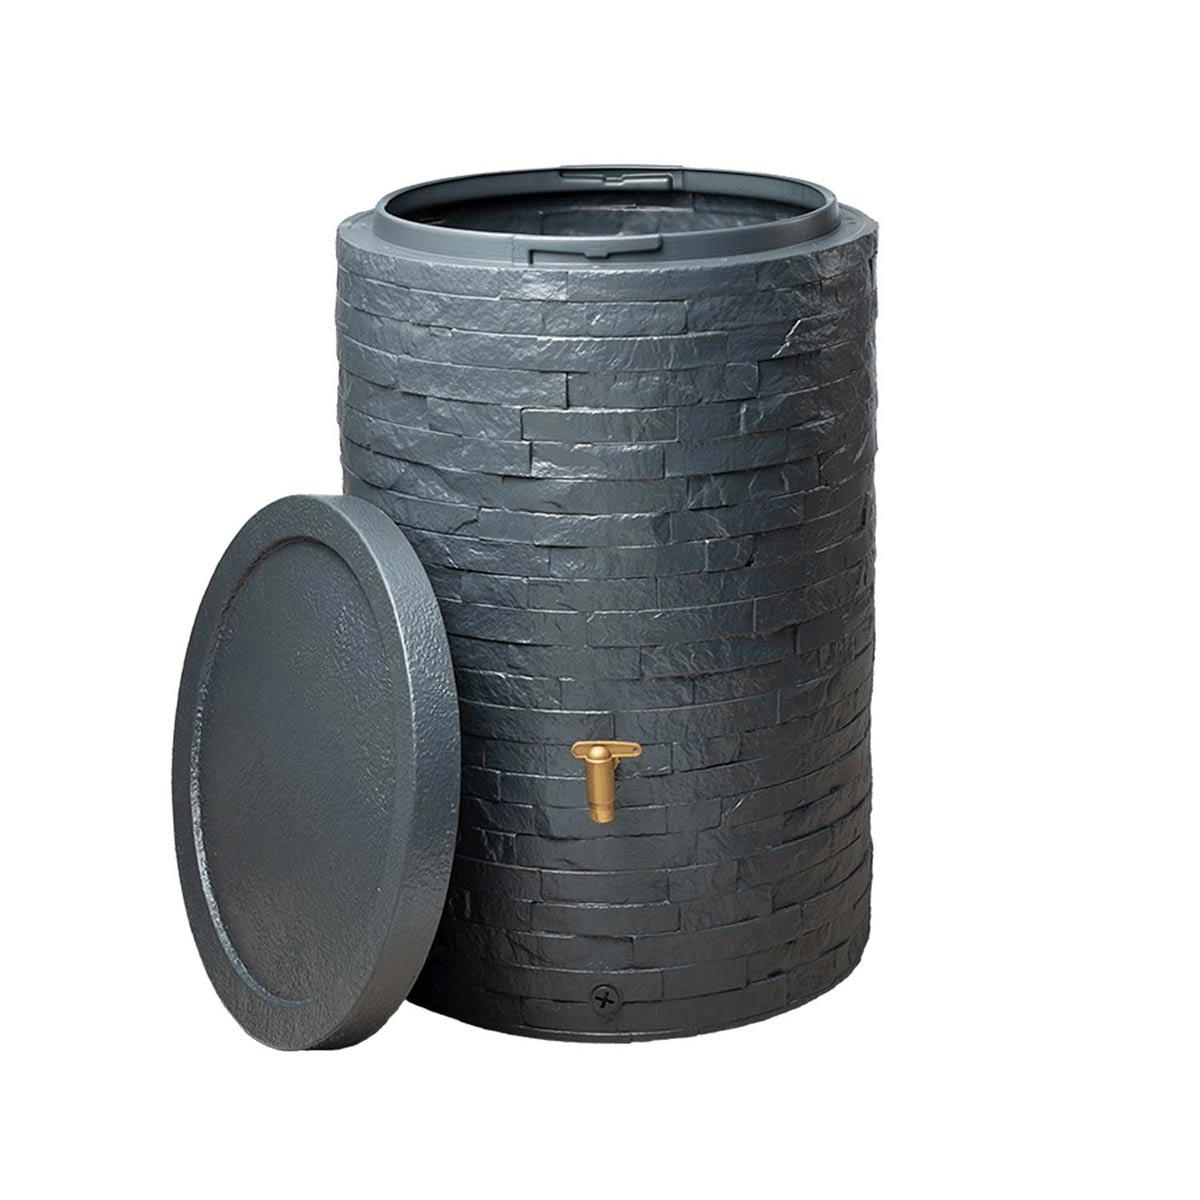 Regenspeicher Arondo, aus PE-HD, graphite grey, 250 l, 600 x 600 x 930 mm